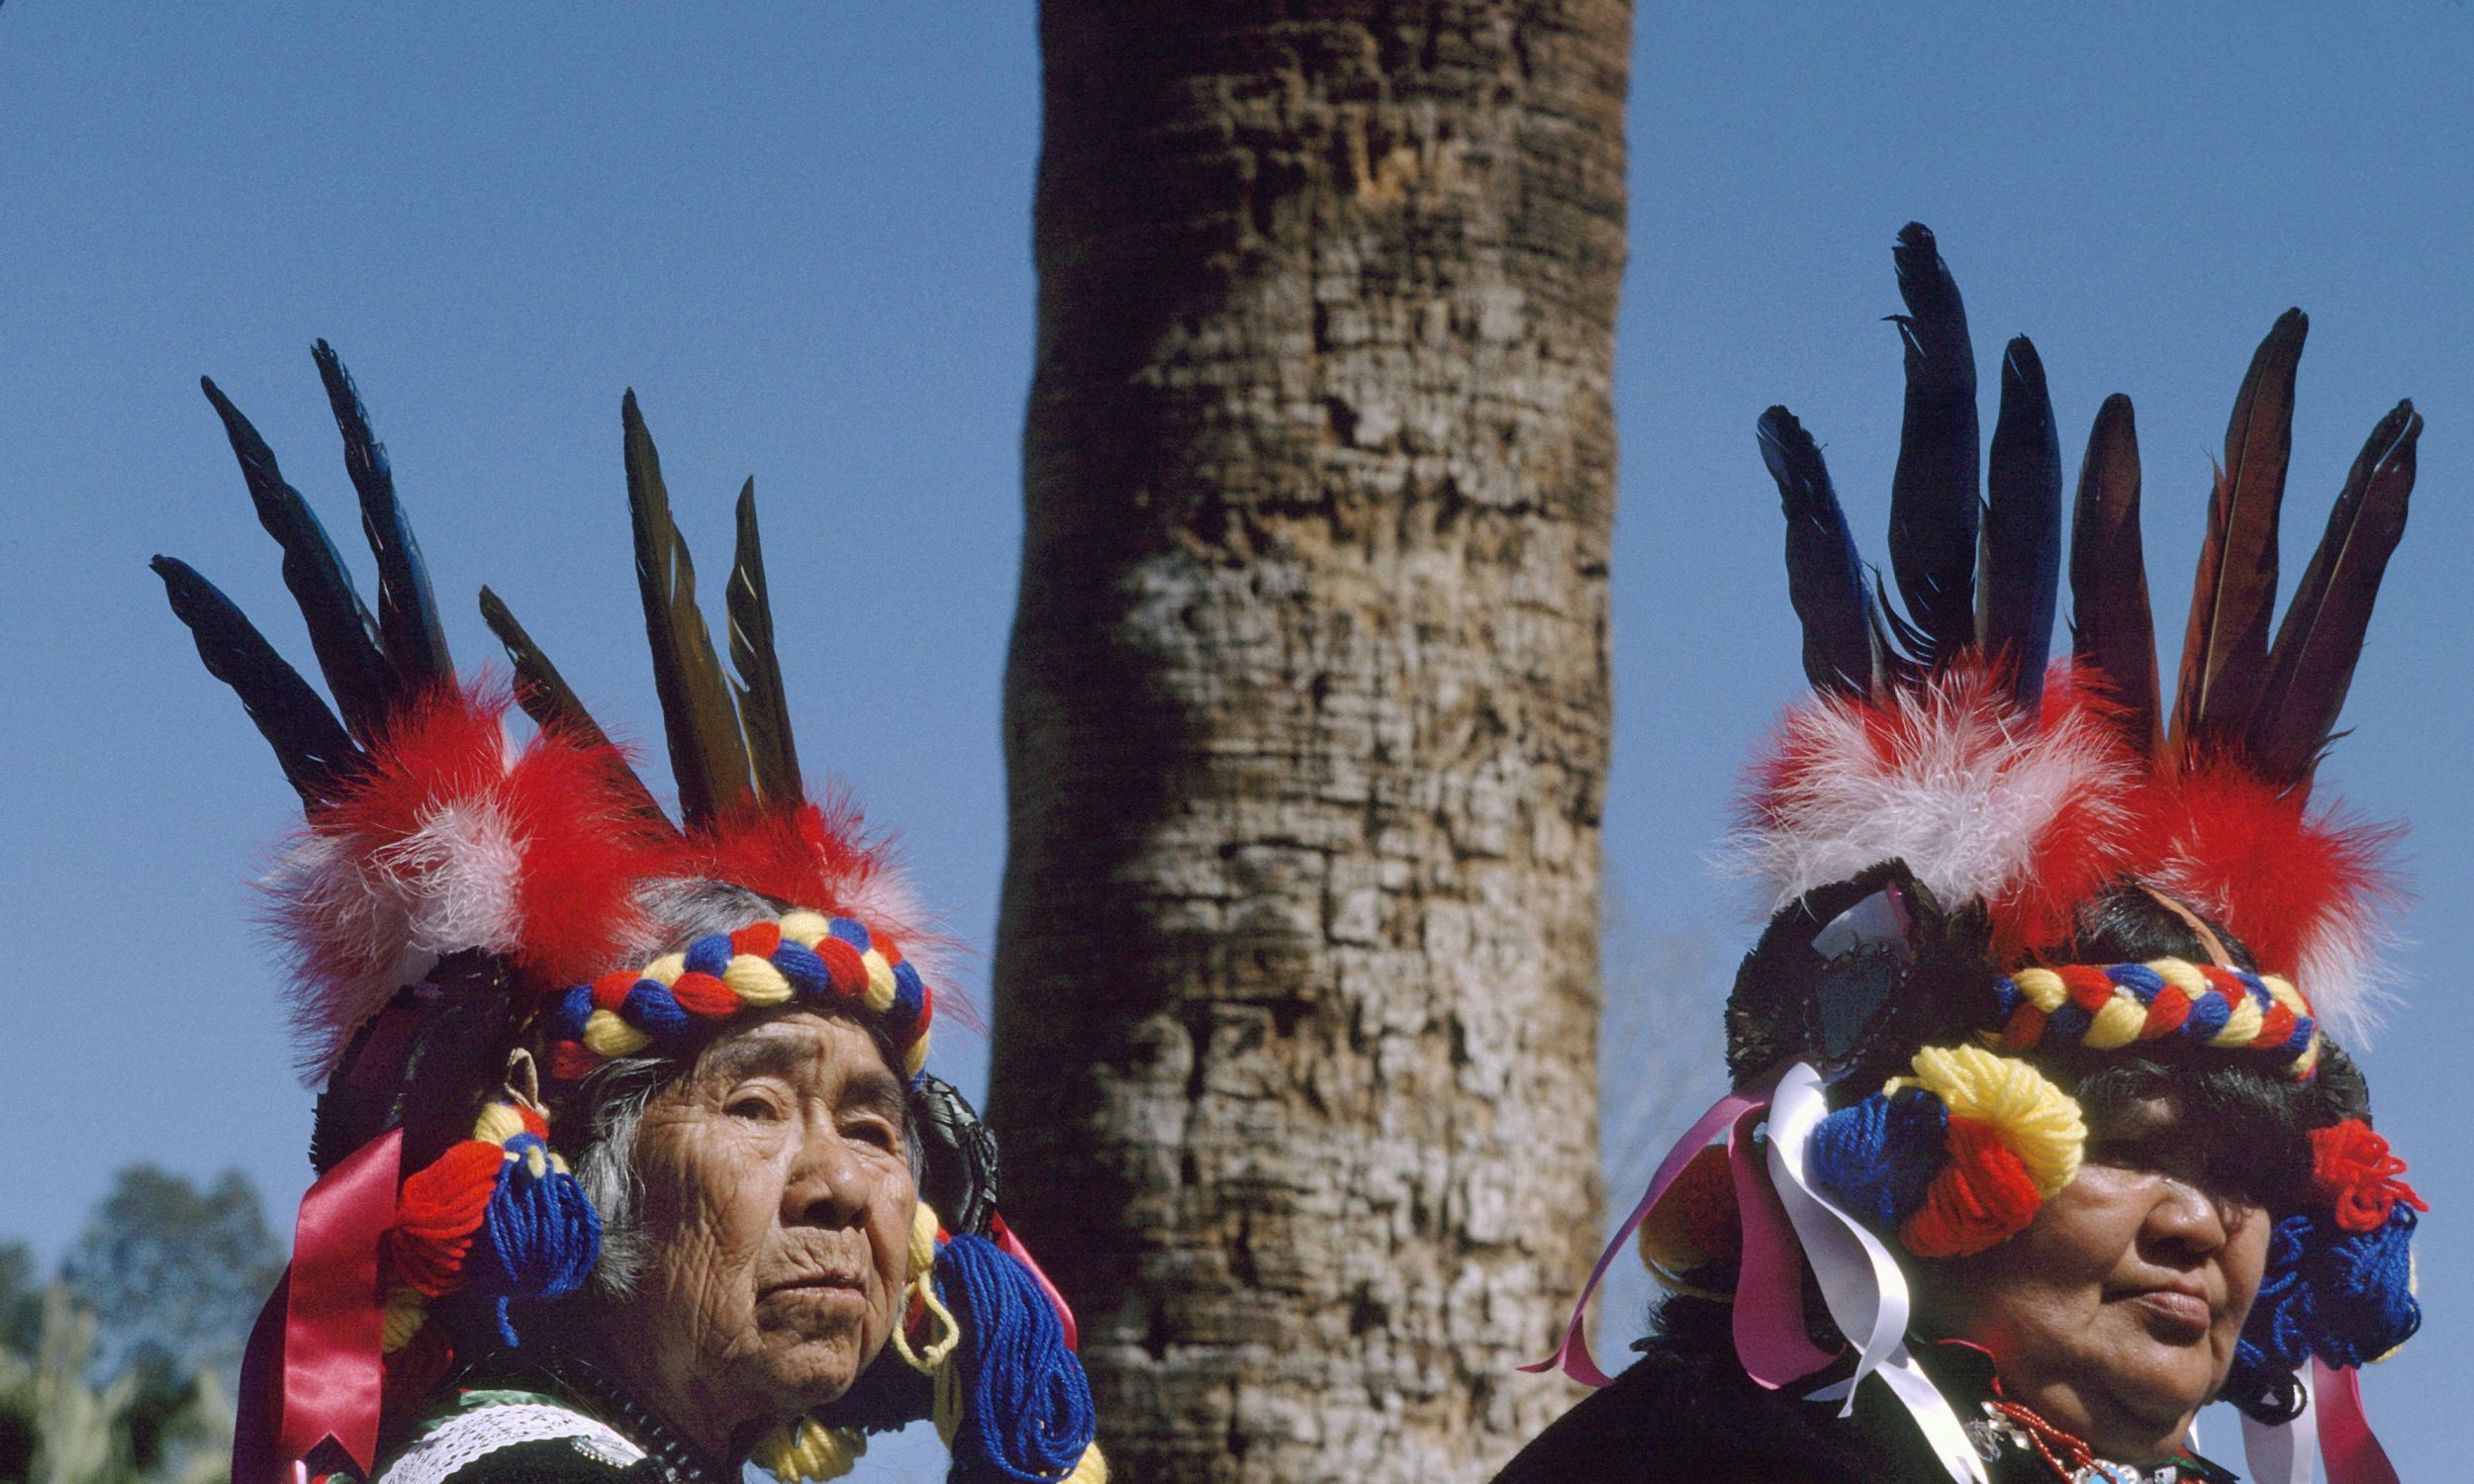 Większość Apaczów zamieszkuje dziś rezerwaty i ich okolice w stanach Arizona, Nowy Meksyk i Oklahoma. Na zdjęciu: uczestnicy dorocznej imprezy odbywającej się w Nowym Meksyku, której celem jest podtrzymywanie tradycji Indian. Fot. Visions of America/Universal Images Group via Getty Images